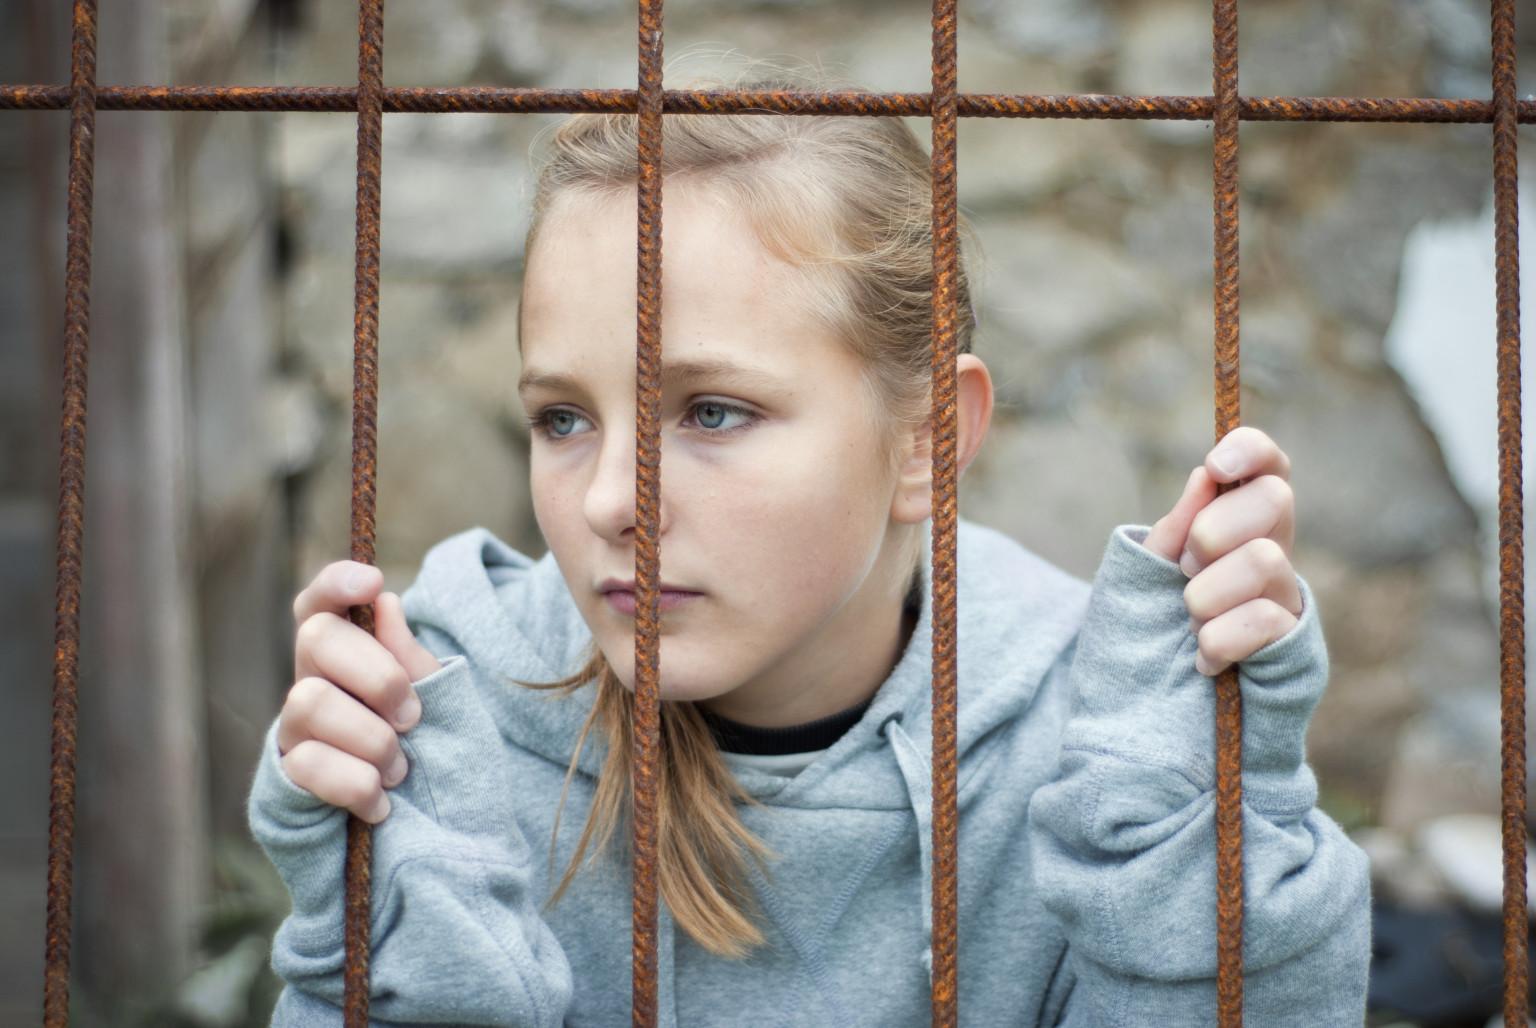 Female prisoners pornhub picture 62